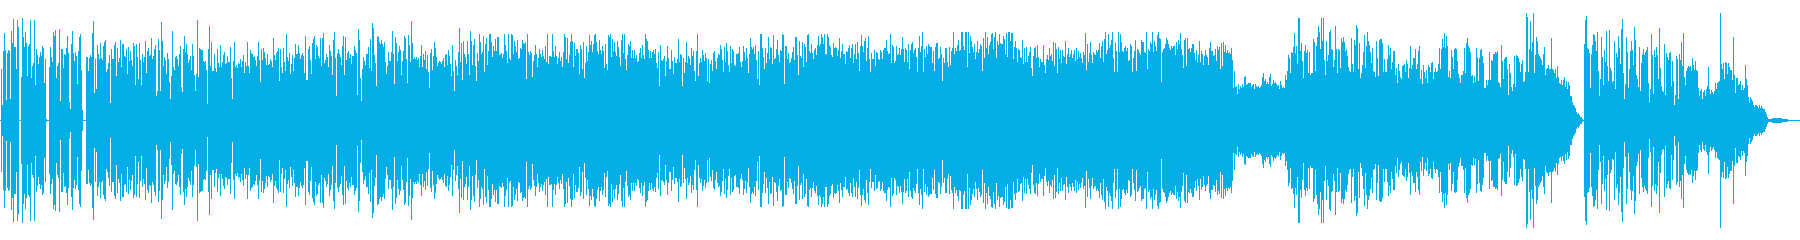 クールなおしゃれジャズファンクBGMの再生済みの波形